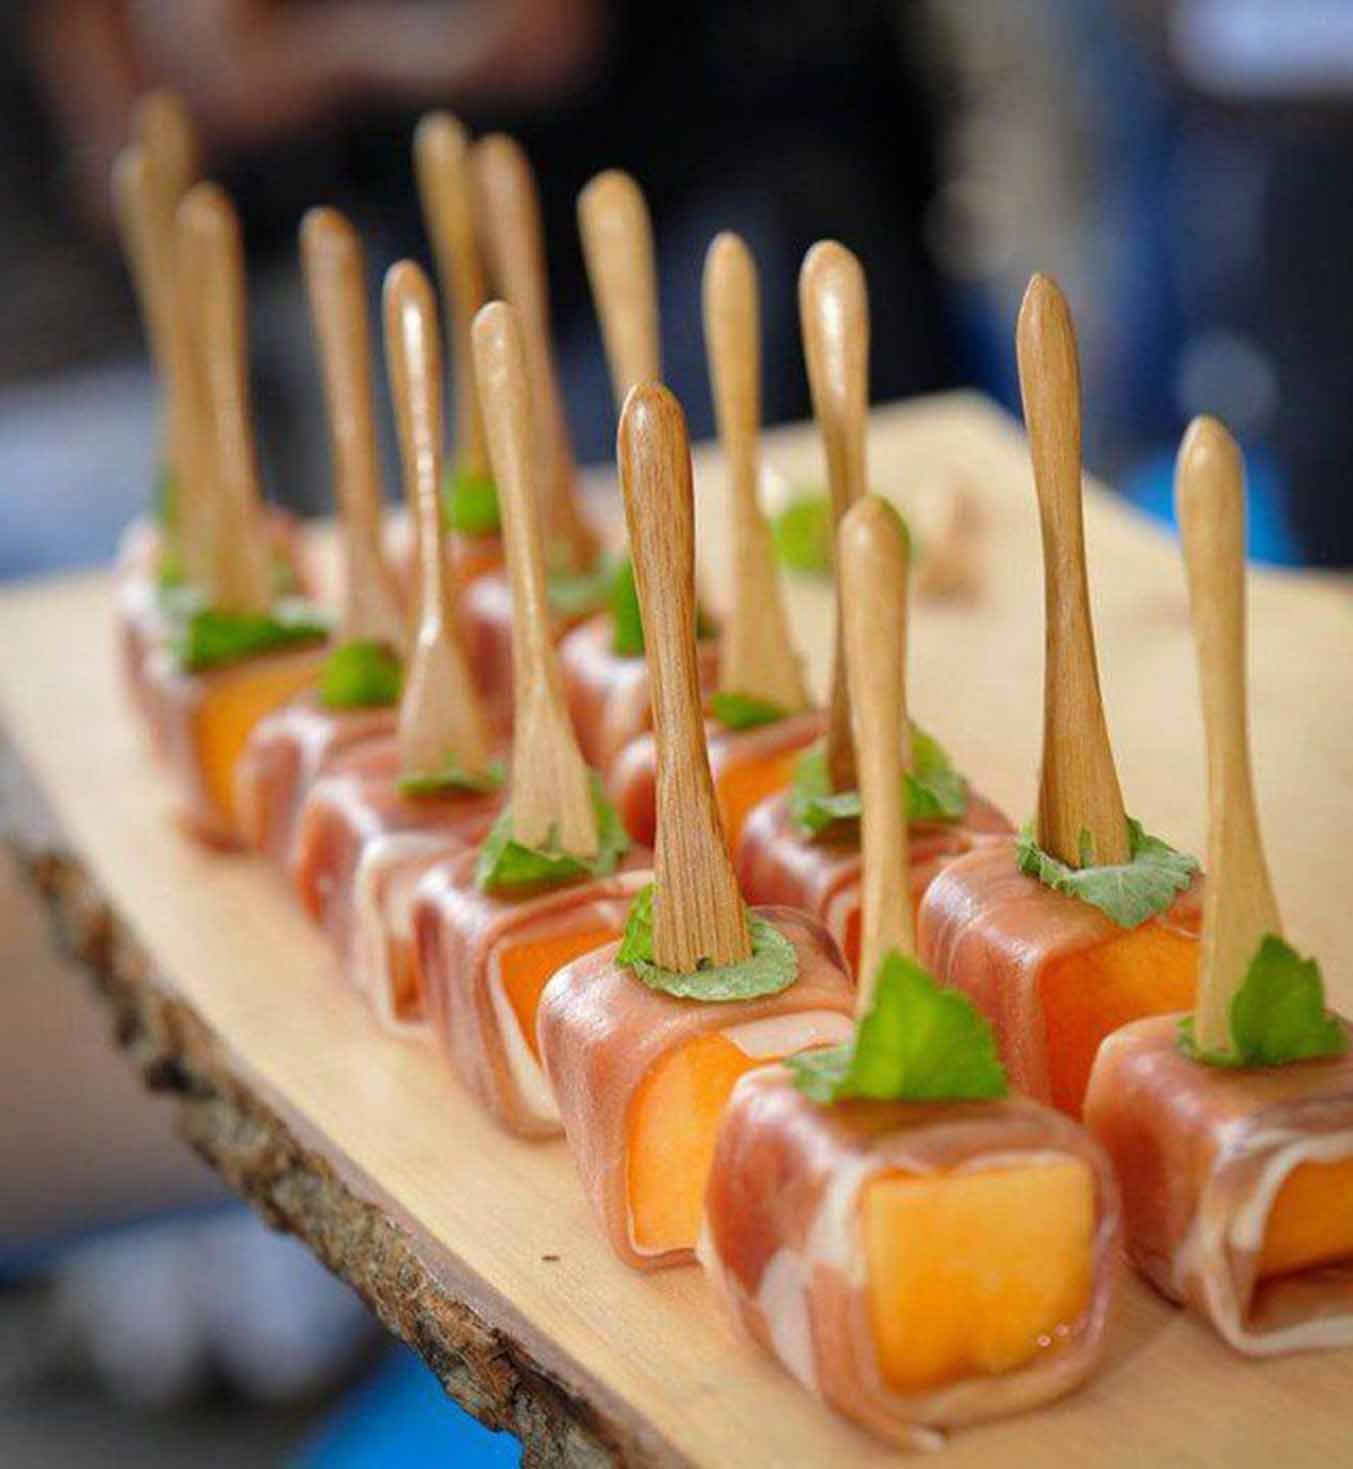 11 apéros légers et faciles à faire (level miam) | Recettes de cuisine, Cuisine et boissons et ...